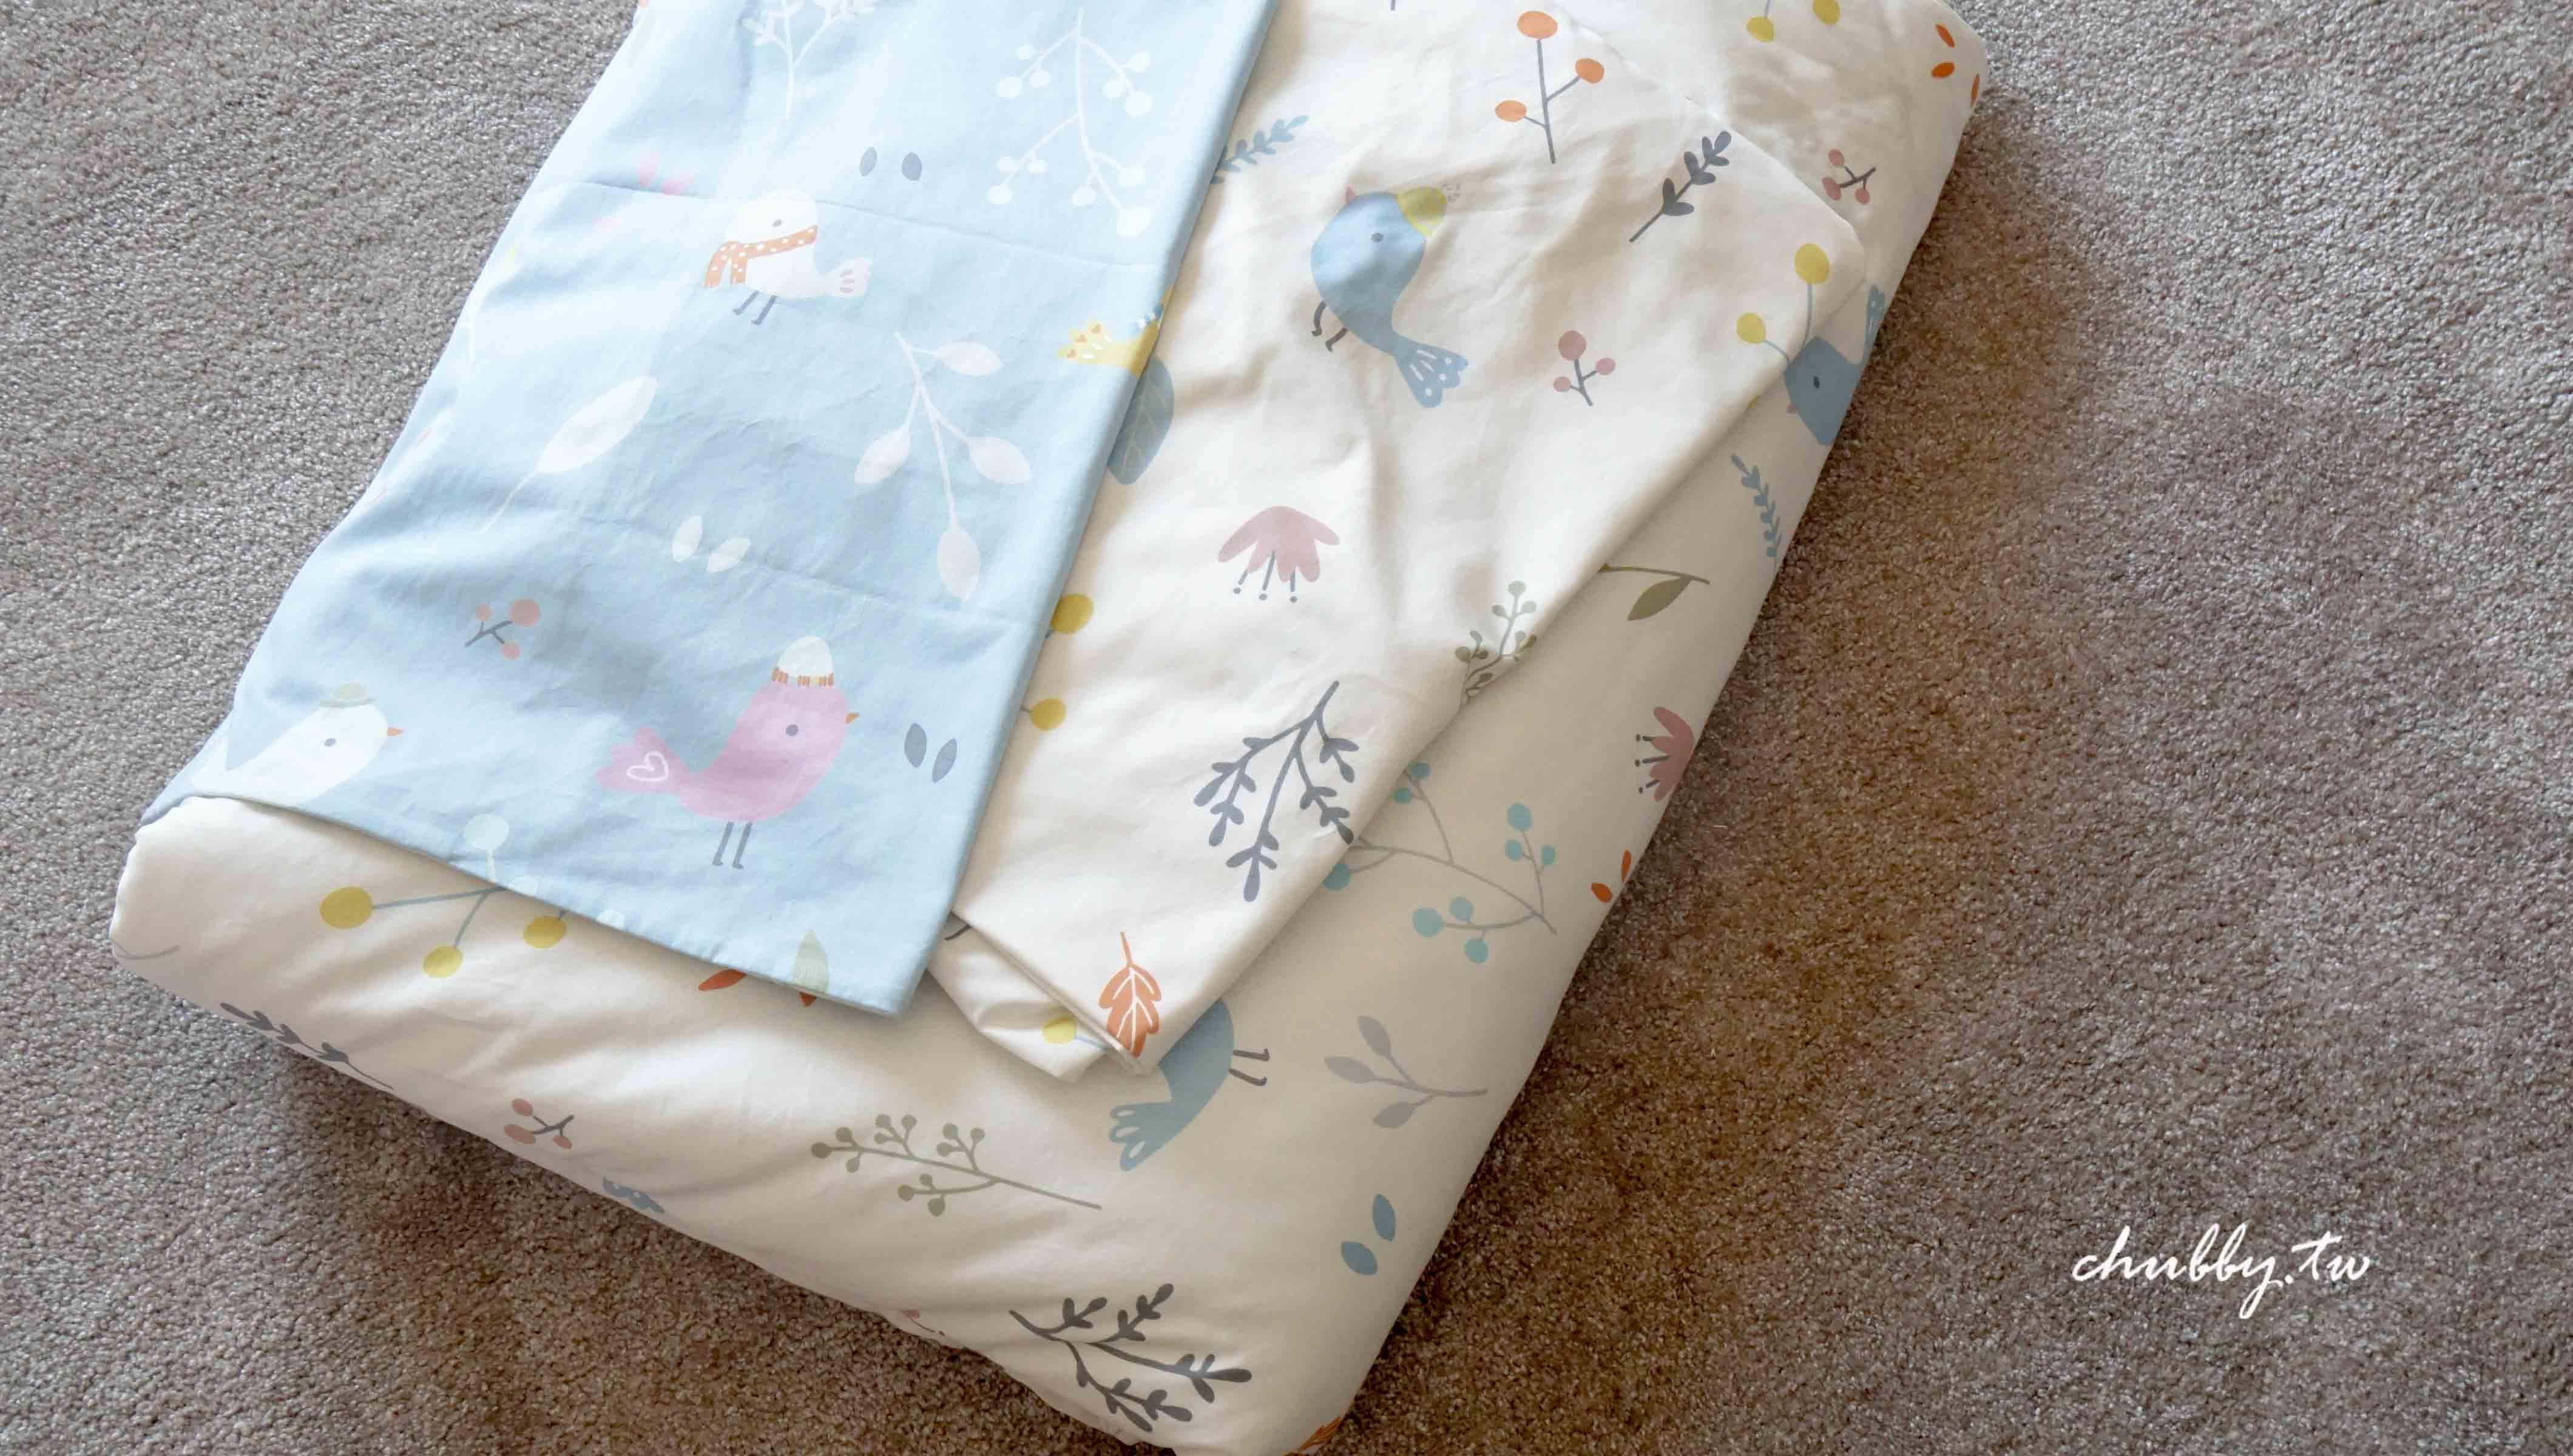 兒童寢飾推薦:La mode 寢飾,終於找到花色滿意又觸感完美的兒童寢具!